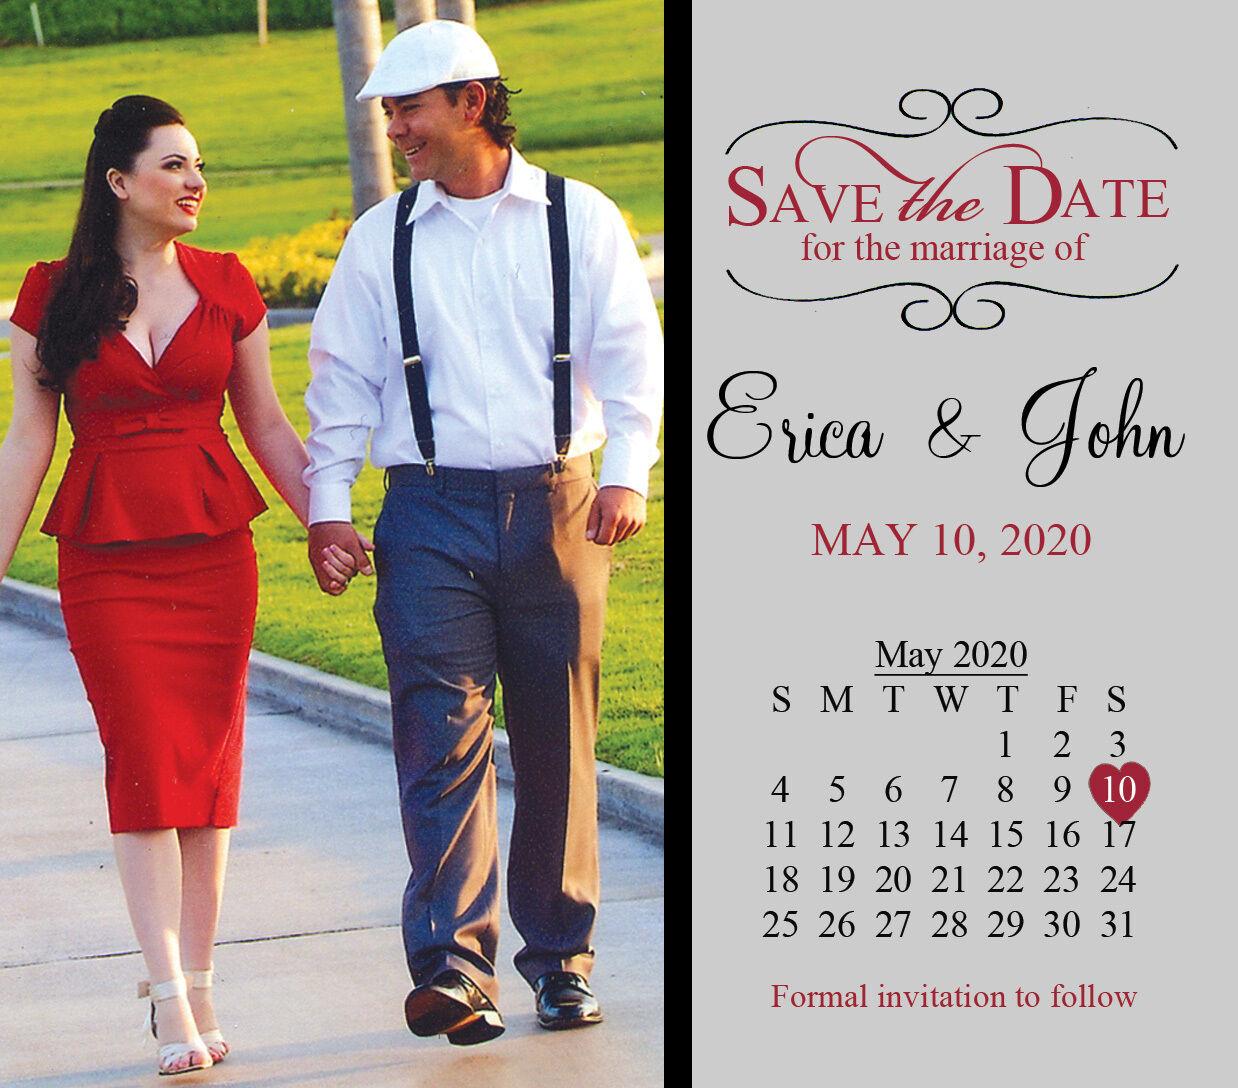 Grand Save the Date De Mariage Invitation Aimants faveurs avec photo